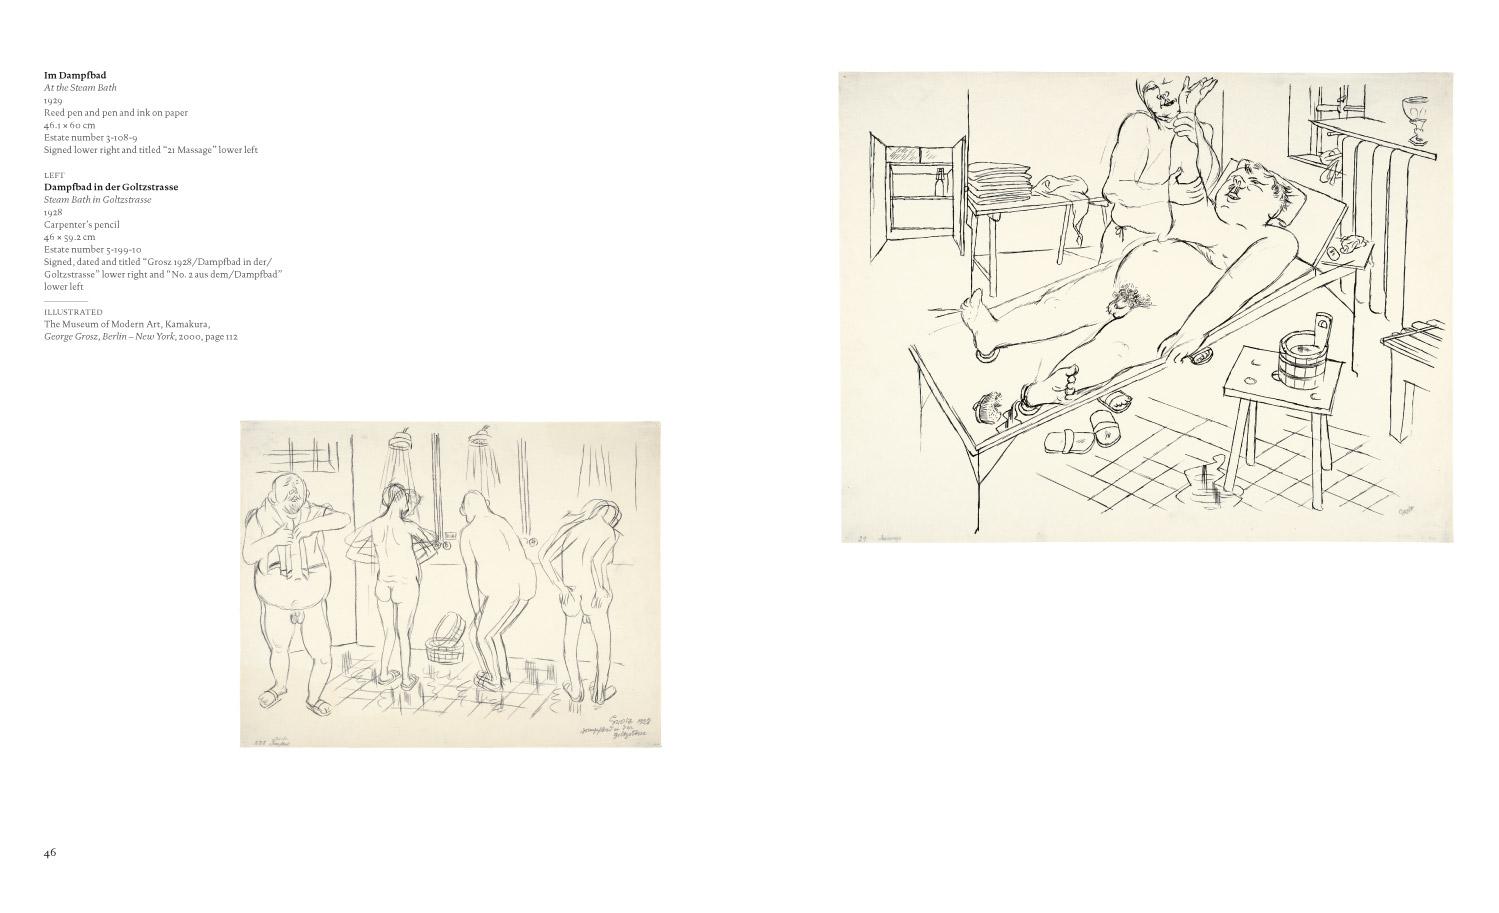 Galerie Judin George Grosz